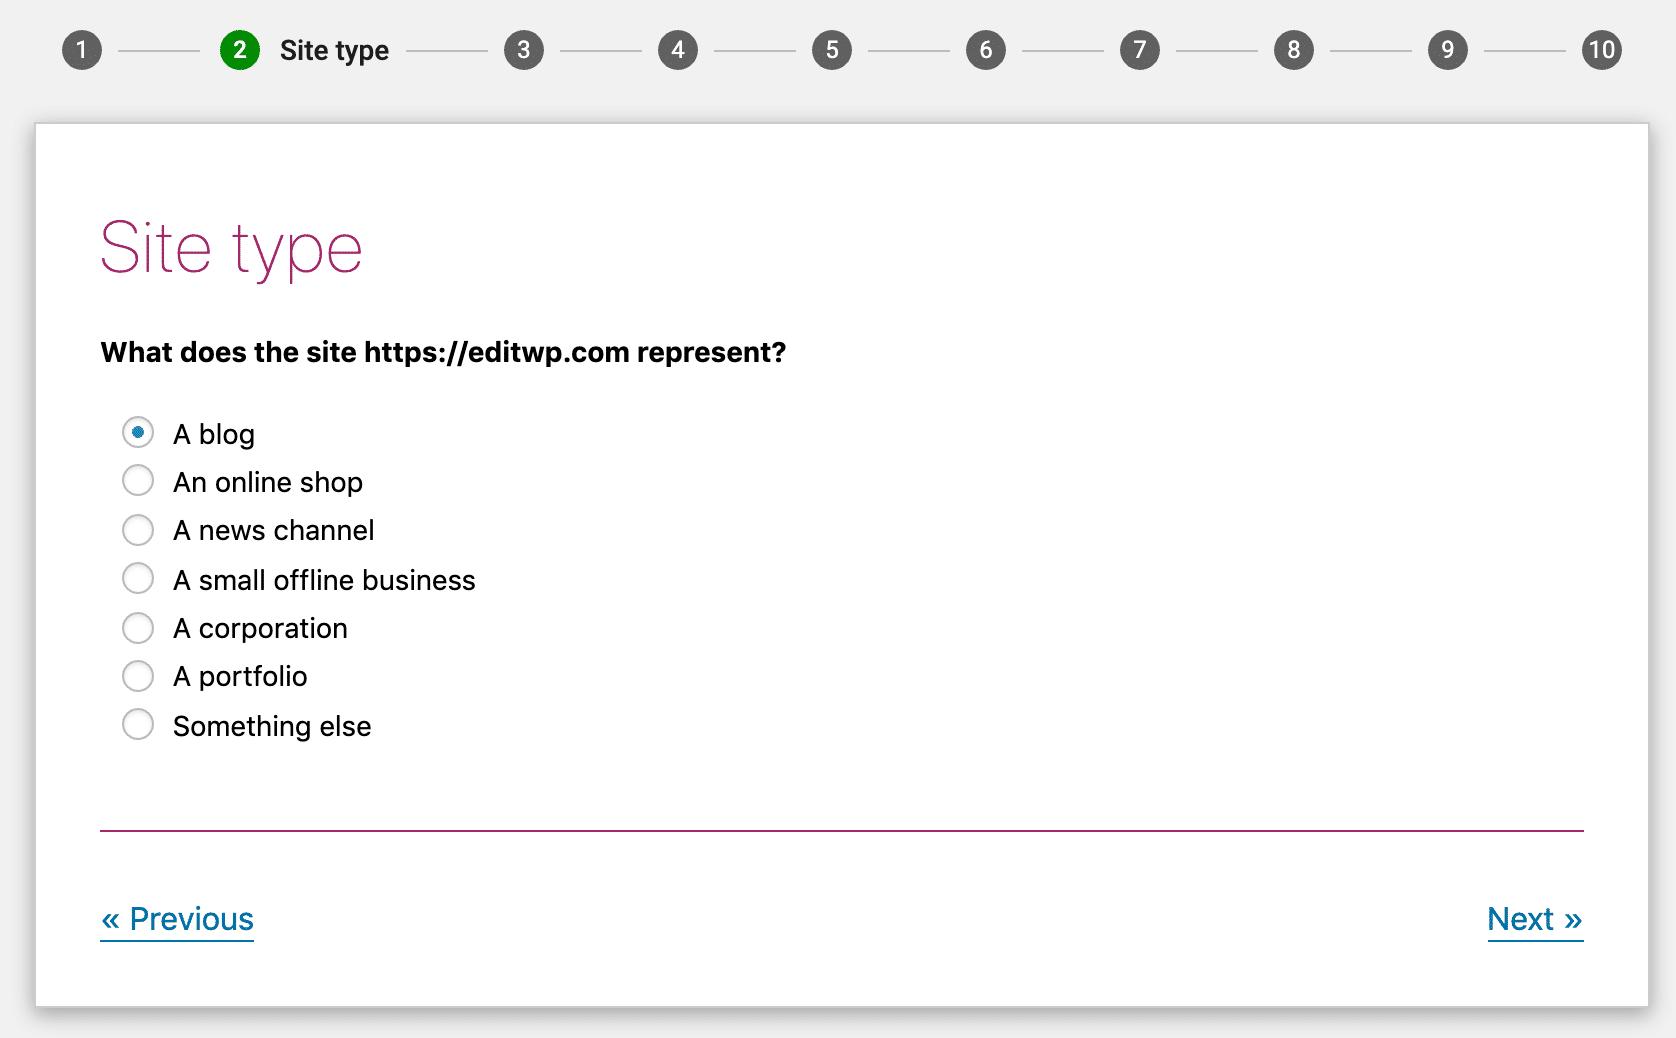 Choisissez l'option qui correspond le mieux à votre site